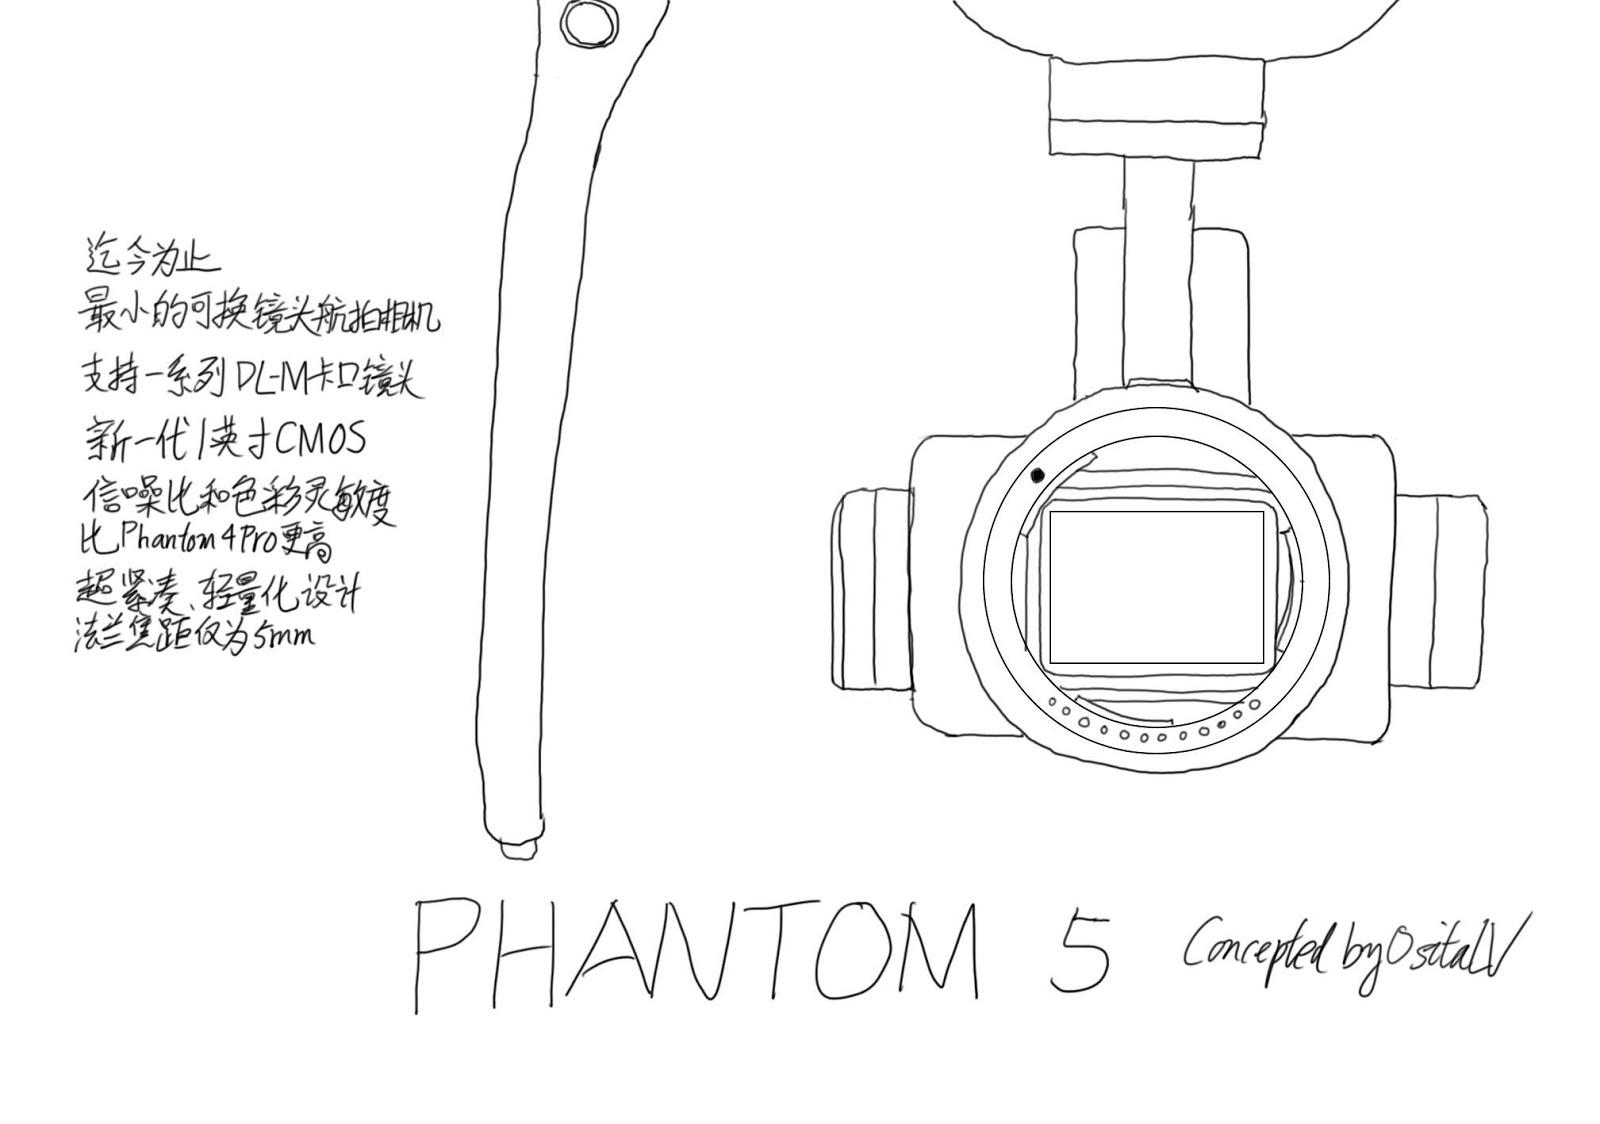 Иллюстрация с камерой DJI Phantom 5